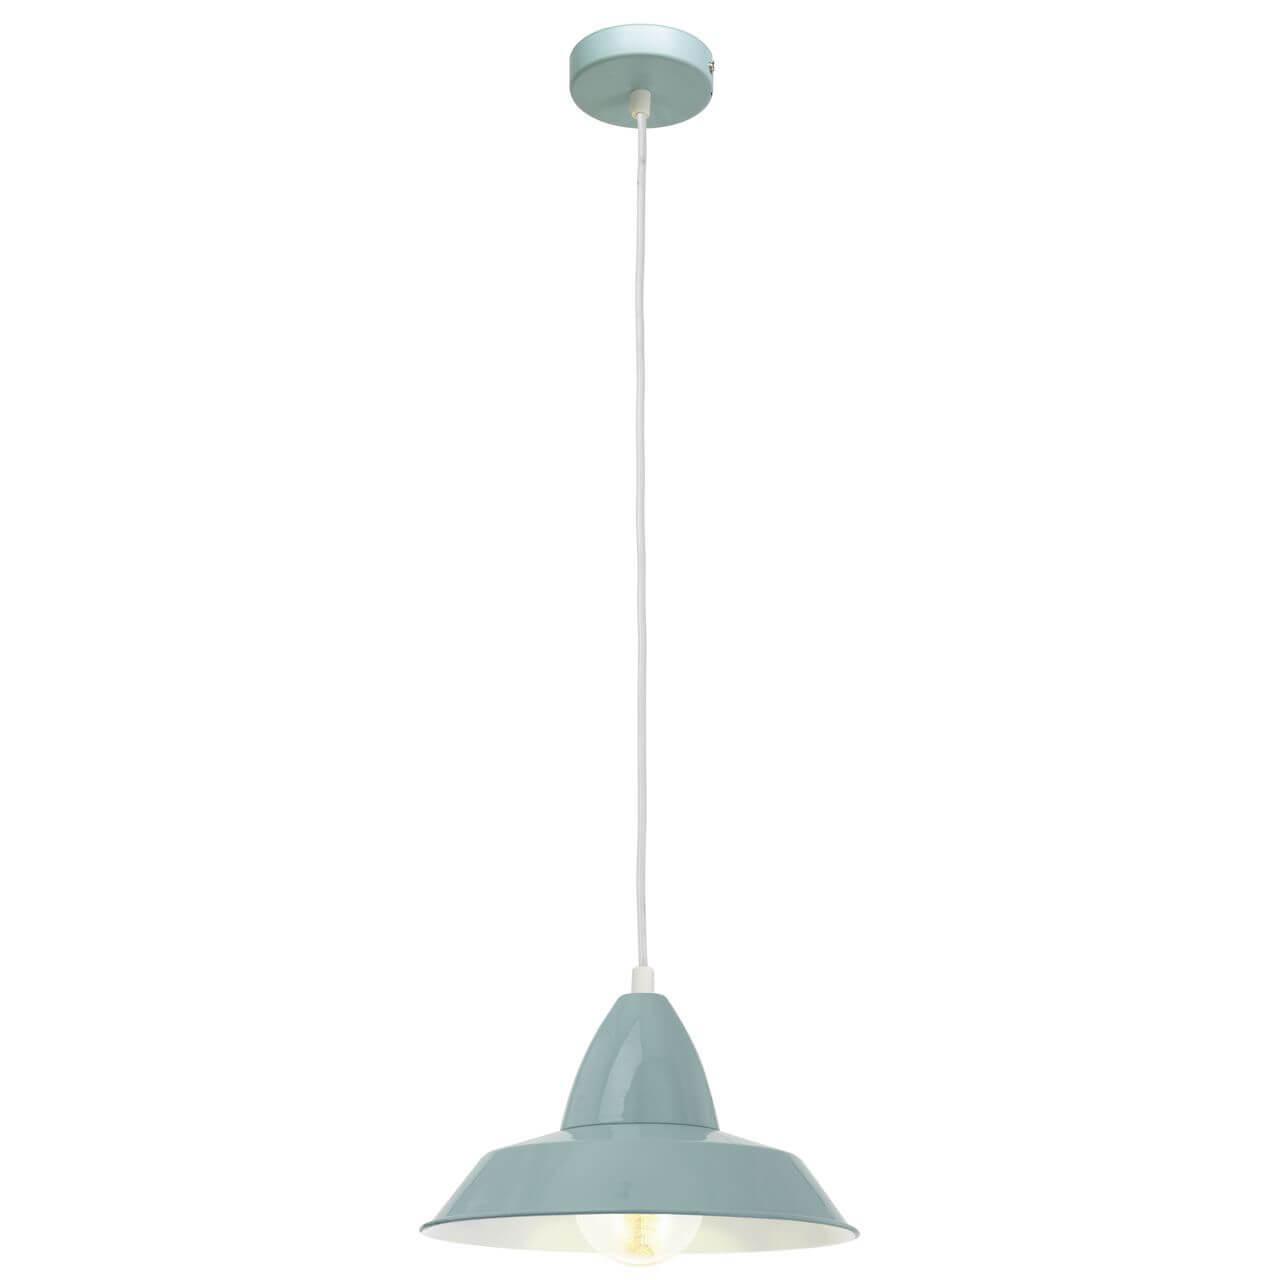 купить Подвесной светильник Eglo Auckland 49244 по цене 1590 рублей